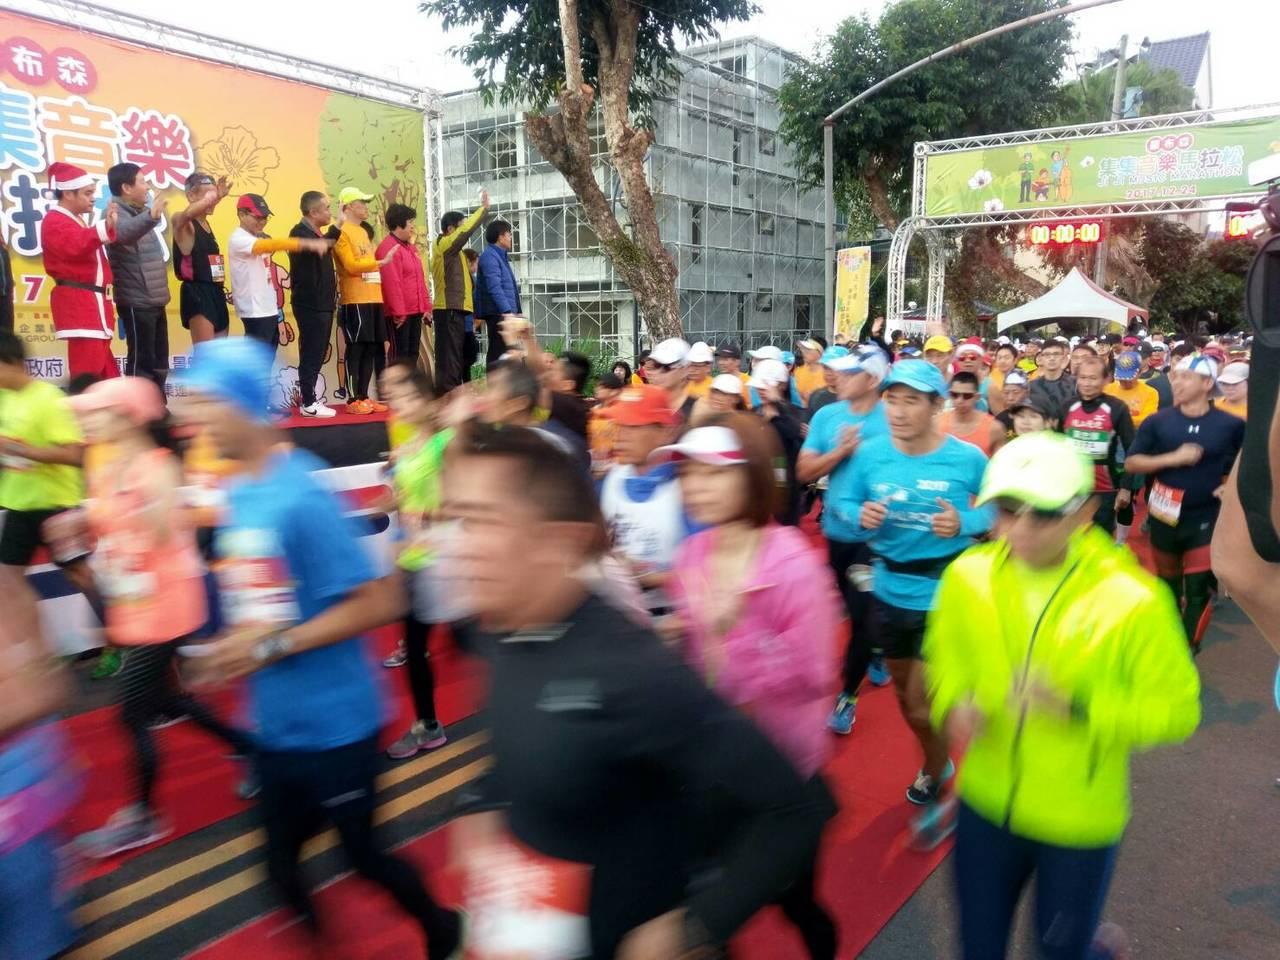 羅布森音樂馬拉松今天在集集鎮開跑,共有2千多人參加。圖/縣府提供